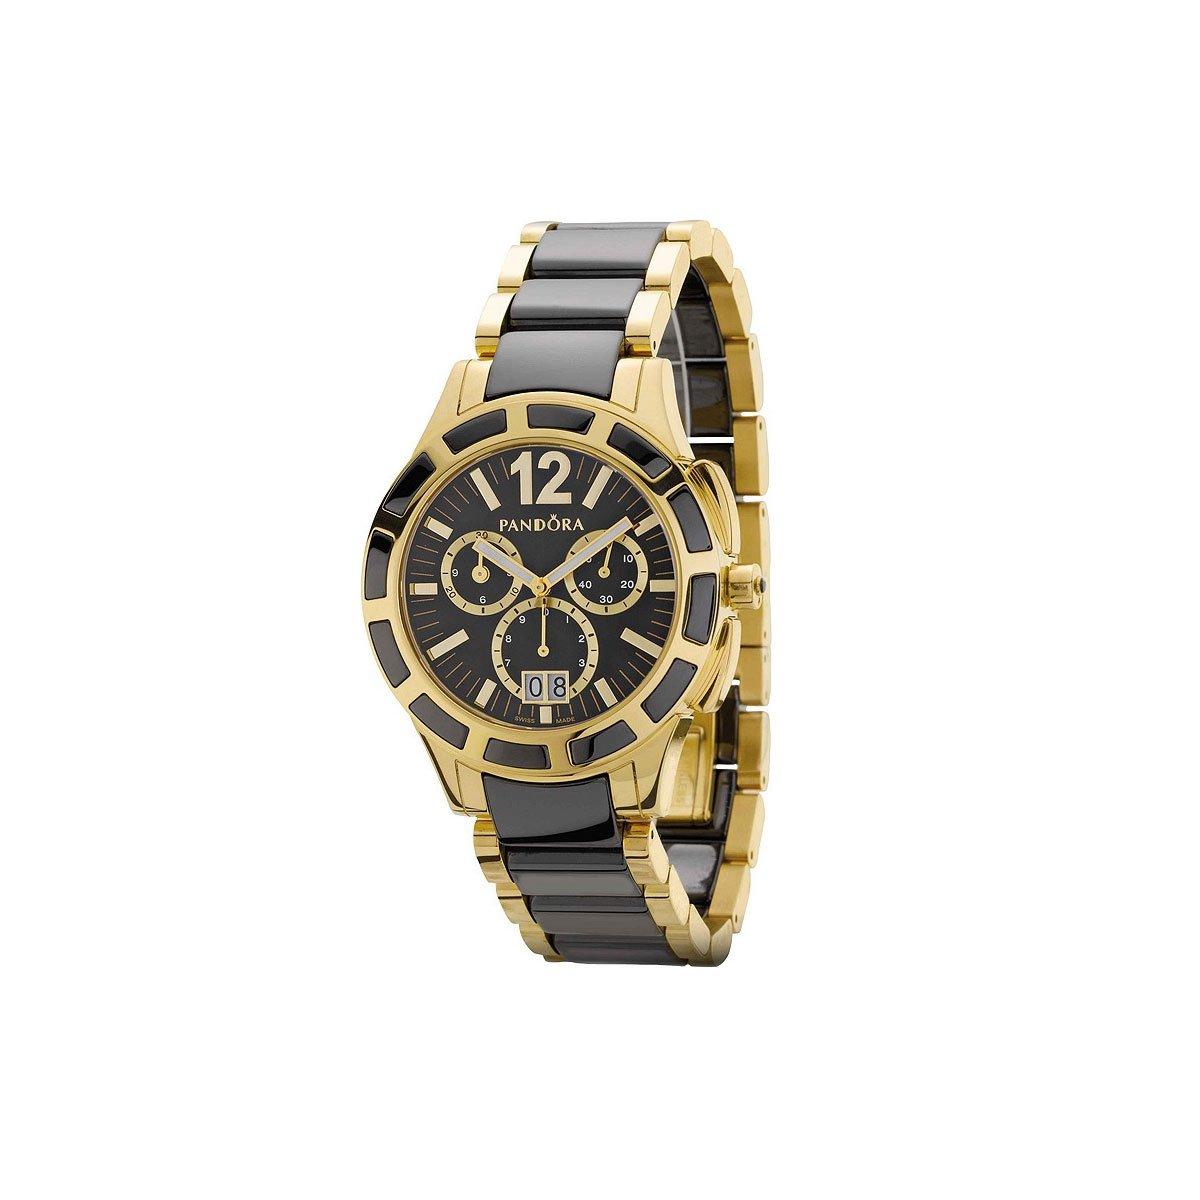 Pandora 812003BK - Reloj analógico de mujer de cuarzo con correa de acero inoxidable multicolor: Amazon.es: Relojes